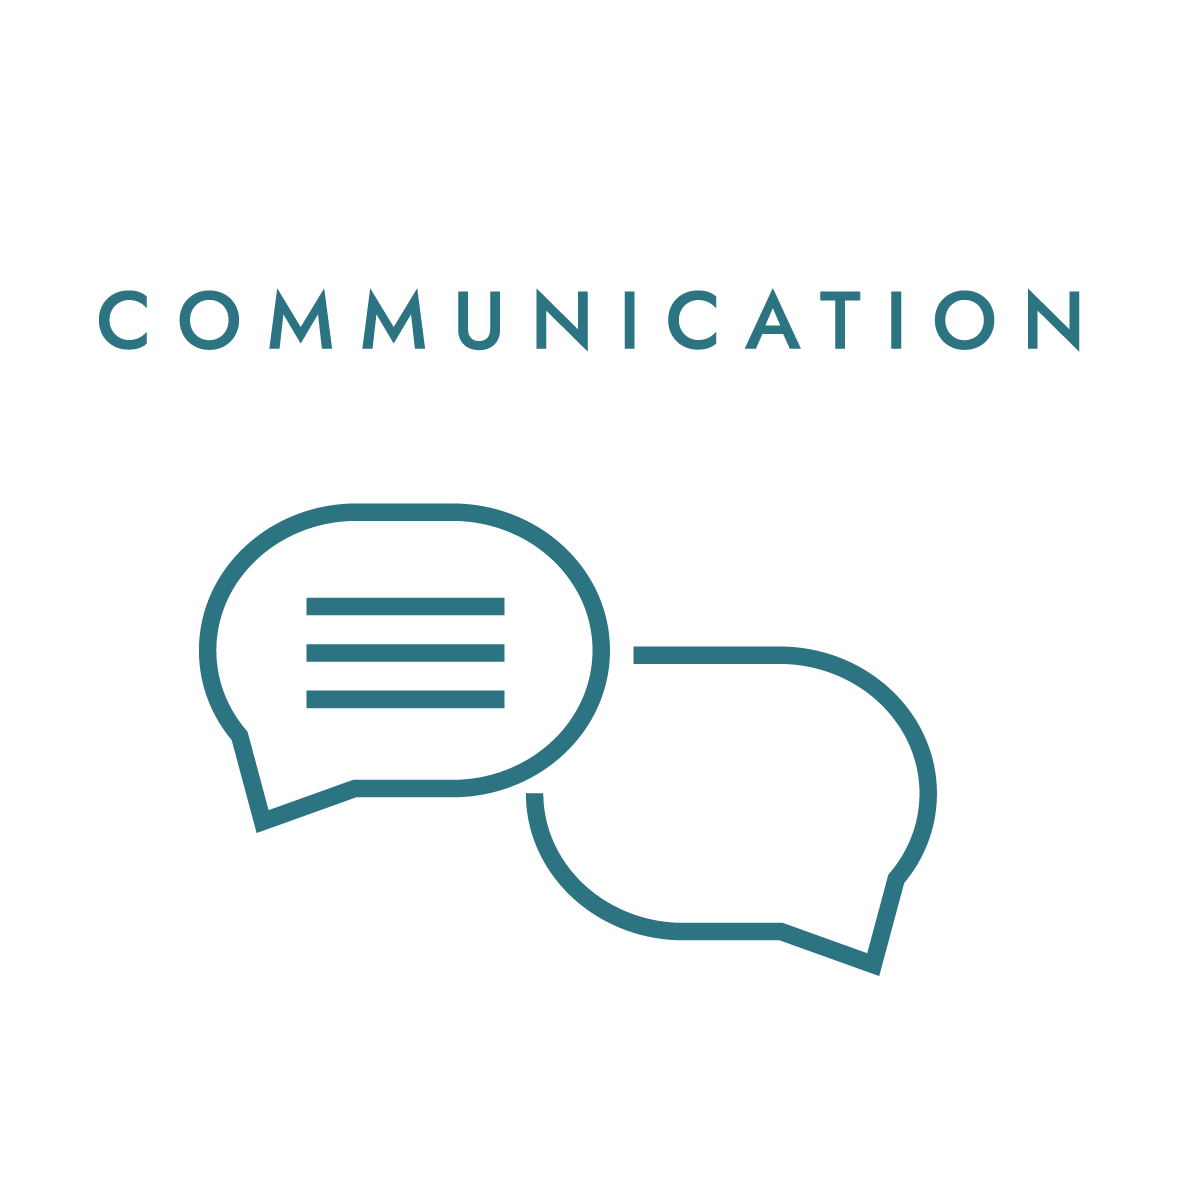 Kommunikationsfähigkeit